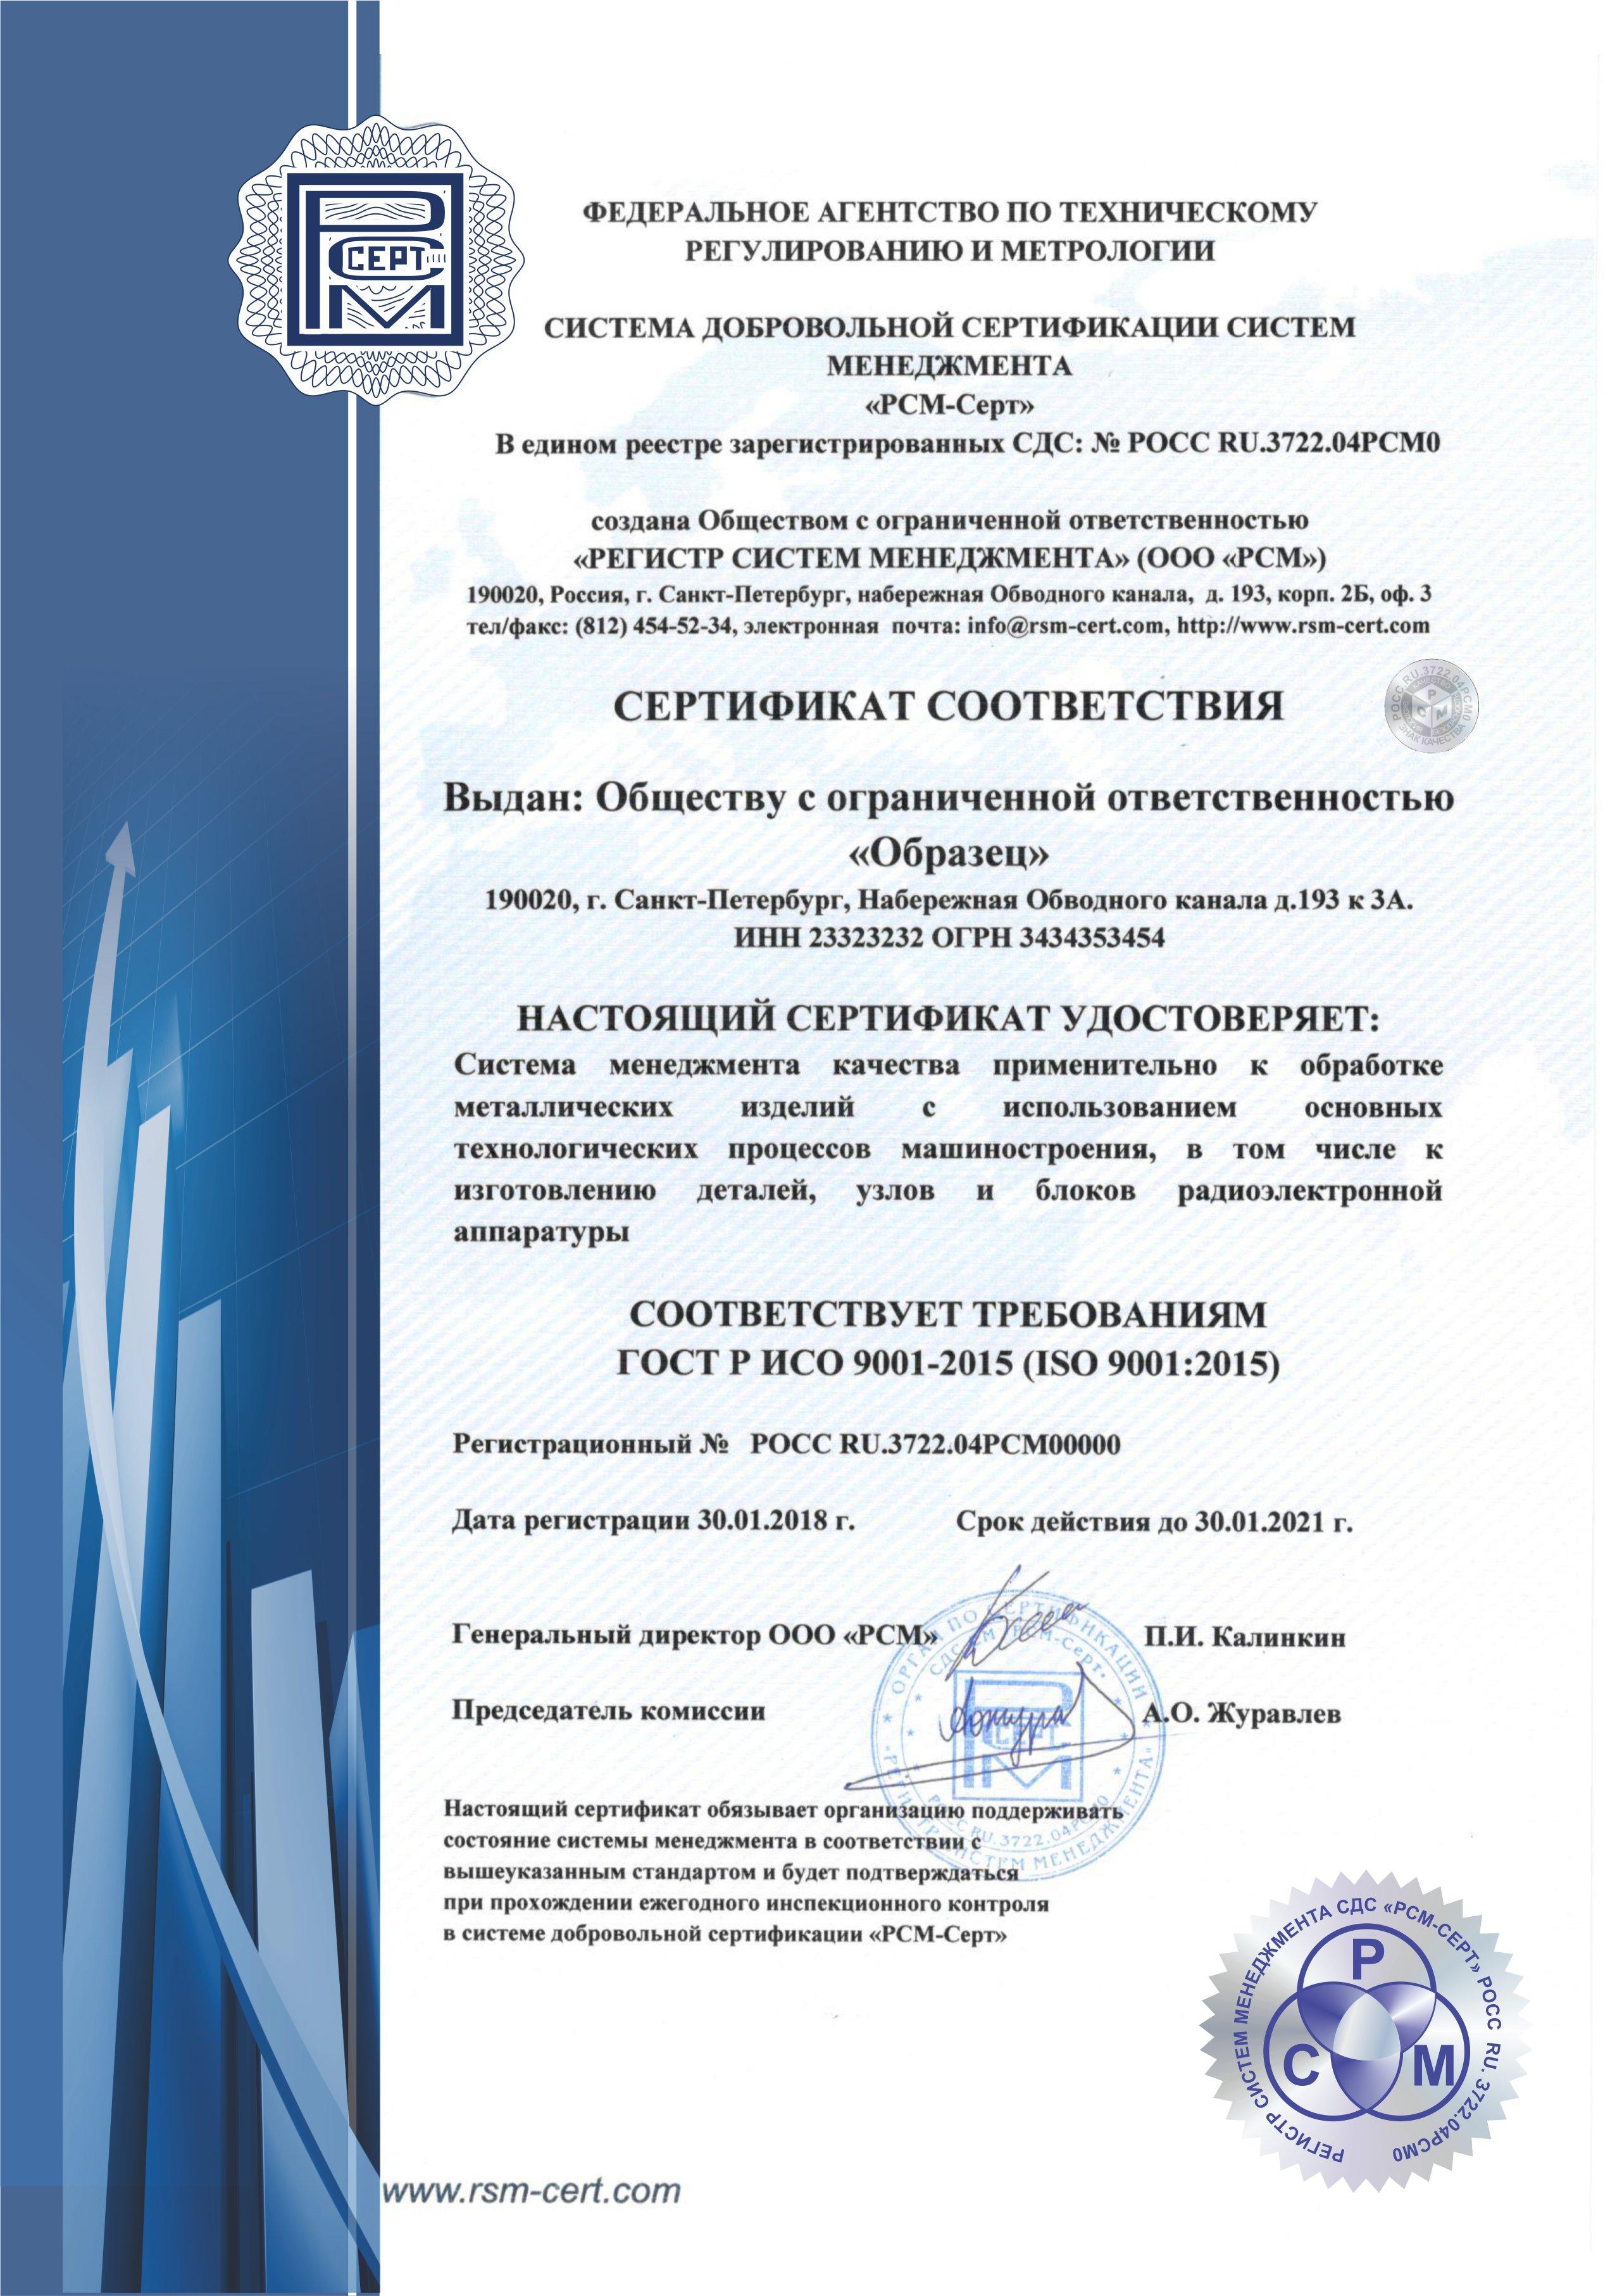 Сертификат соответствия стандарту iso 9000 или гост р исо 9000 требования добровольная сертификация камень искусственный